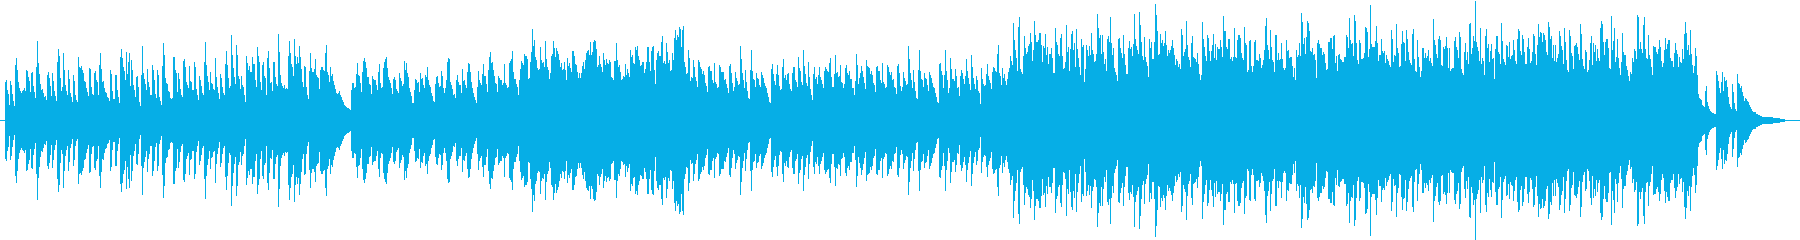 沖縄風のピアノ和曲の再生済みの波形